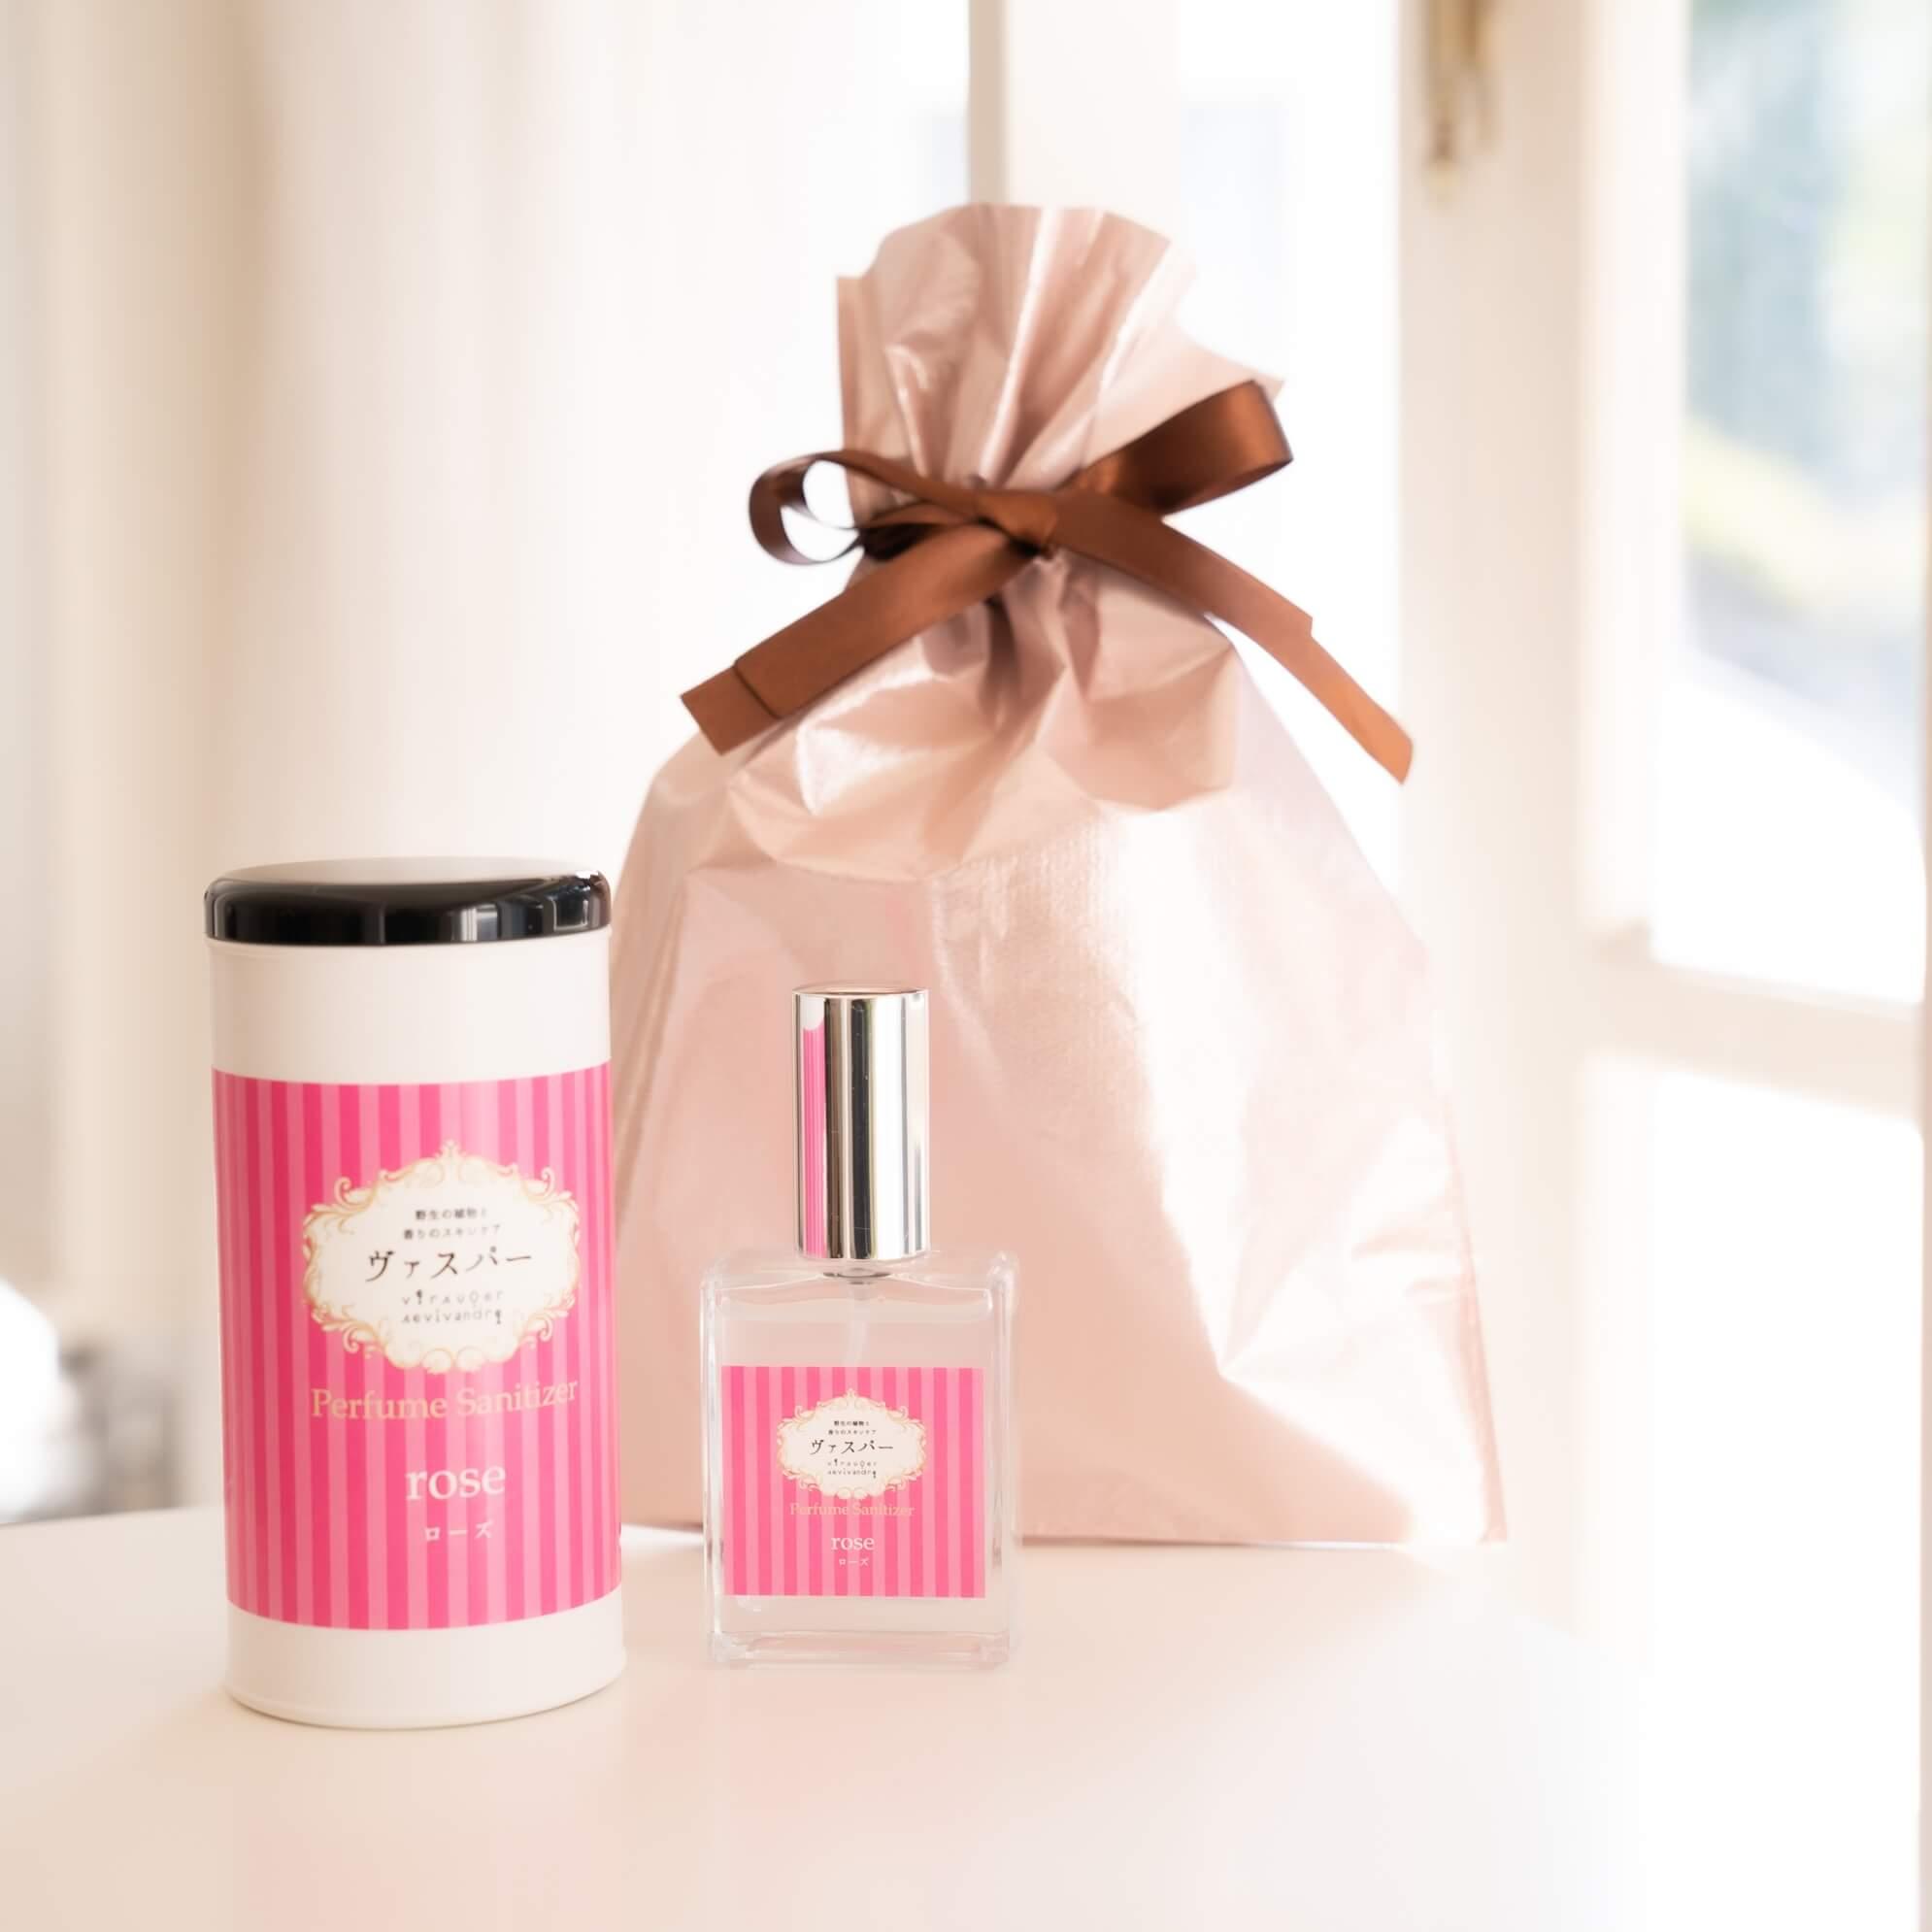 【香水のように香る】植物性ウイルス対策スプレー〈ローズの香り〉ギフトボックスタイプ